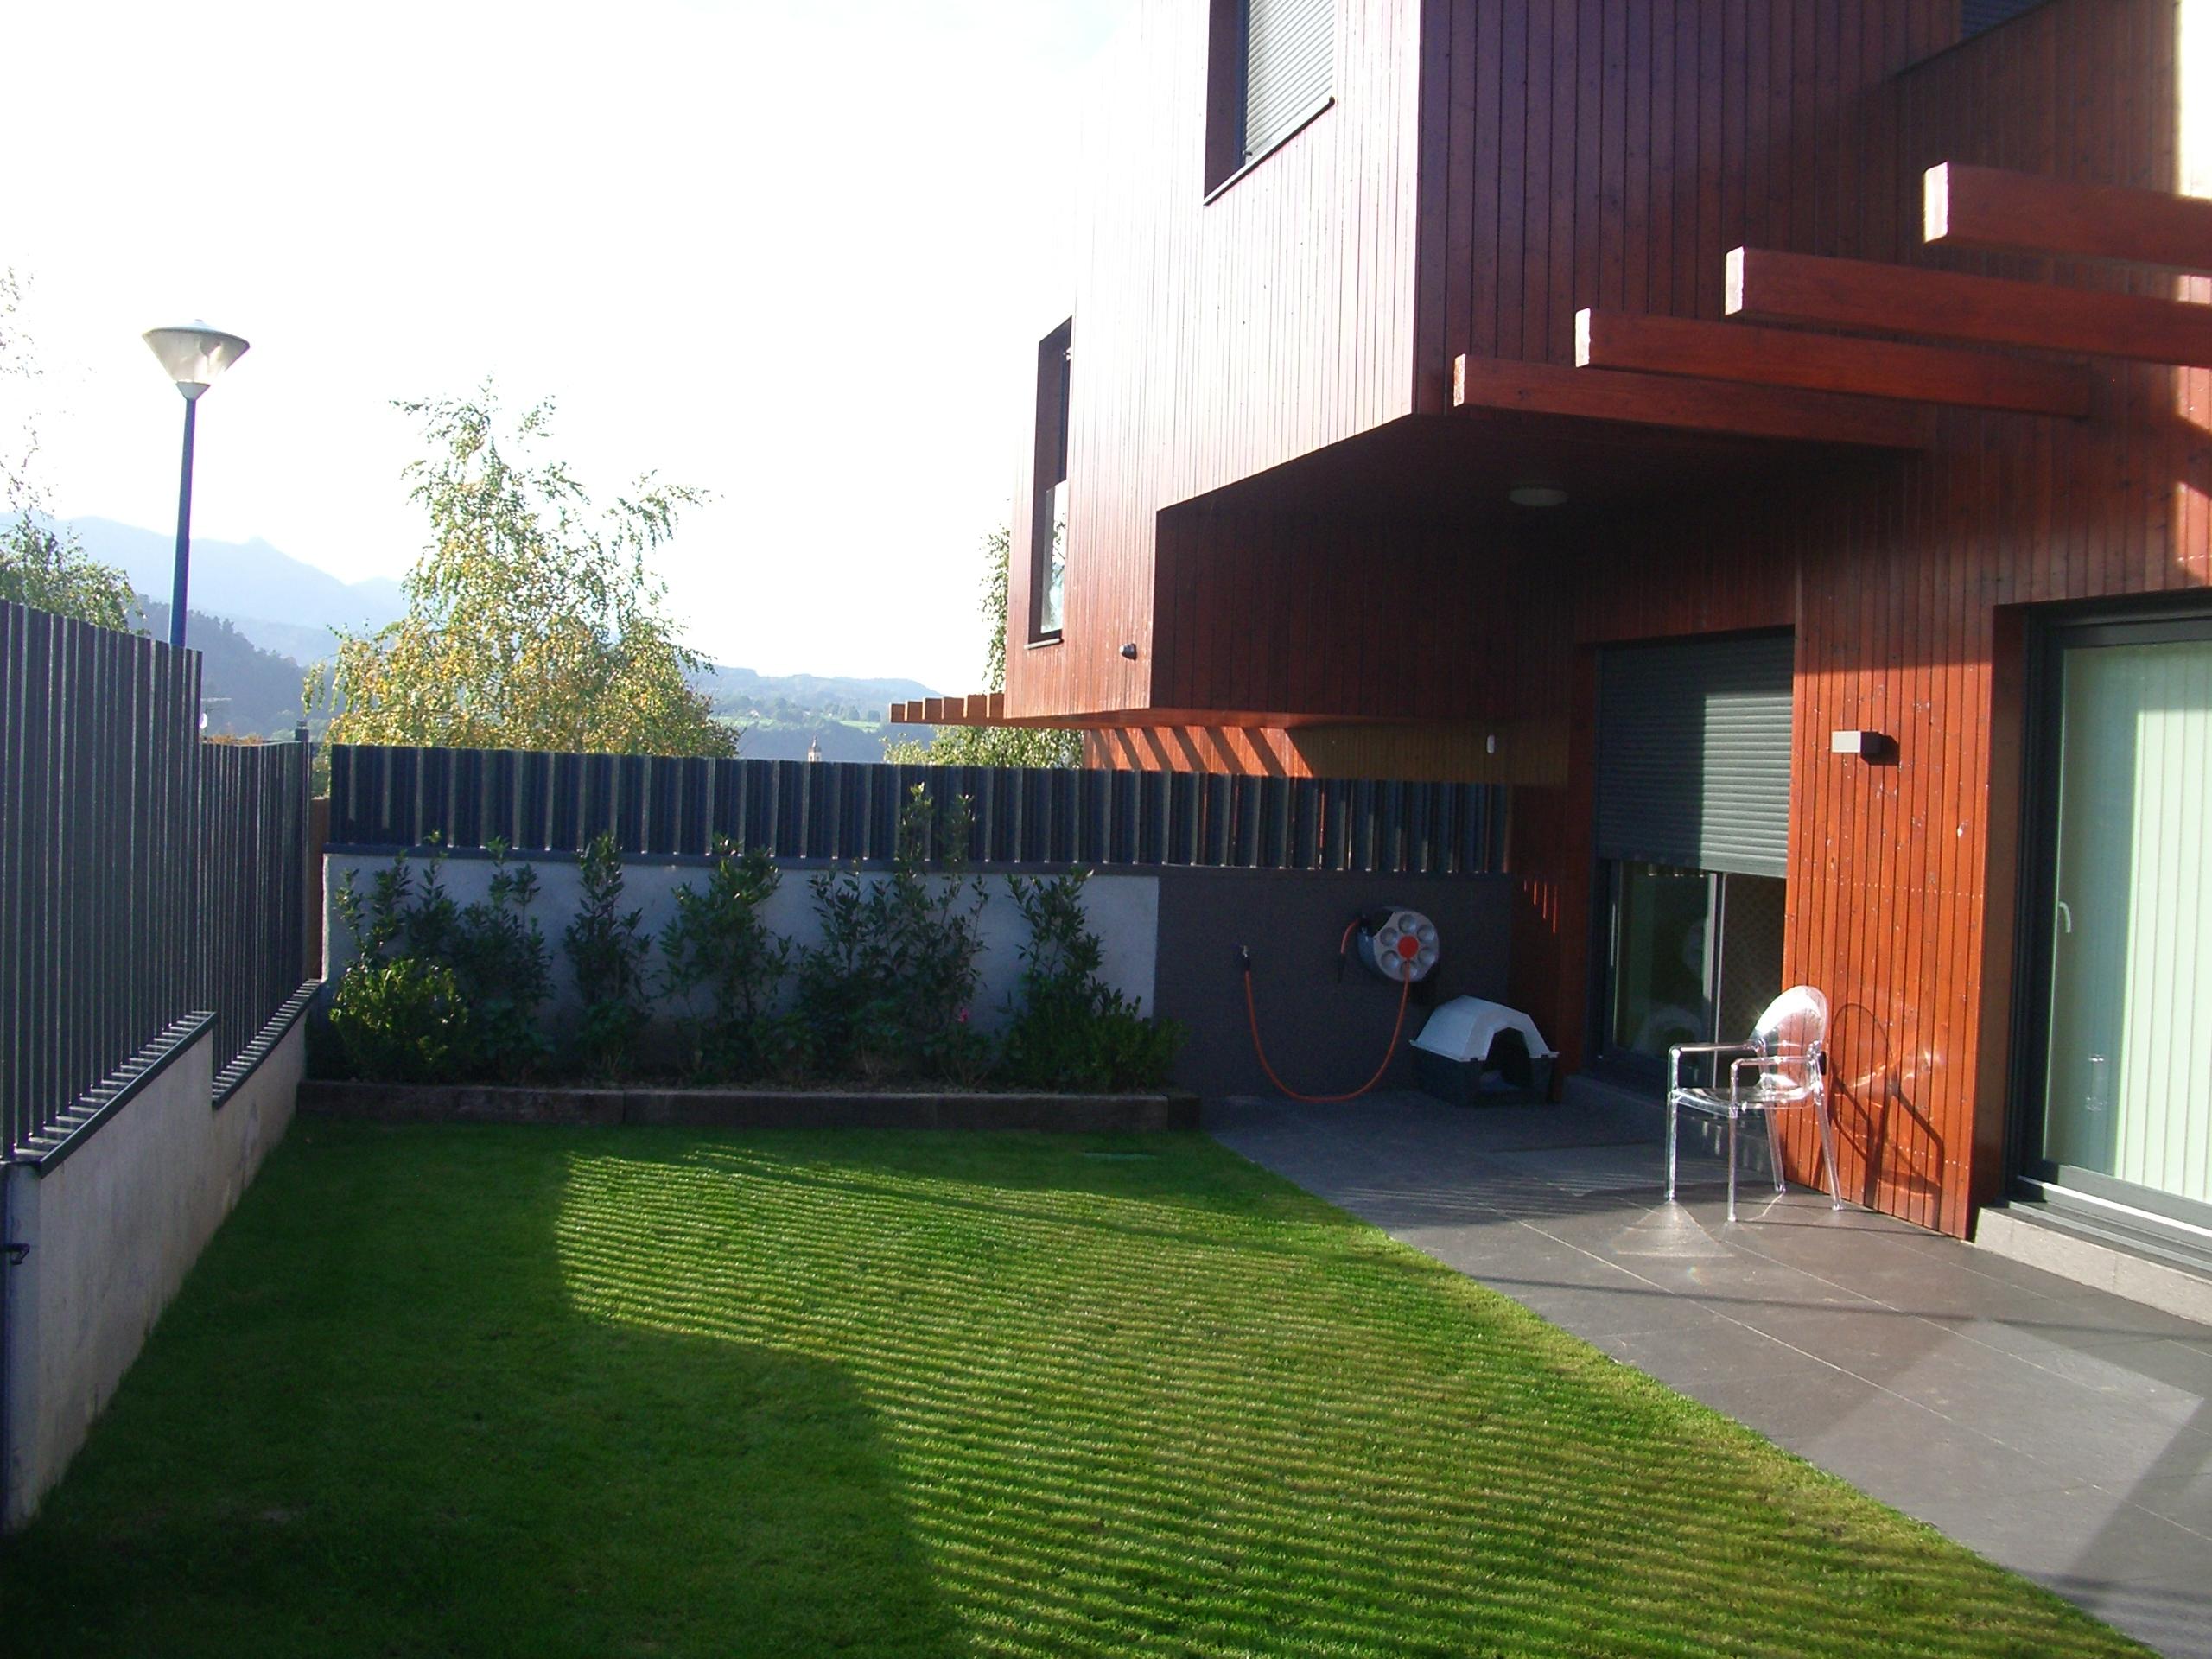 Casas canadienses en espaa simple foto exterior de casas for Casas de madera canadienses